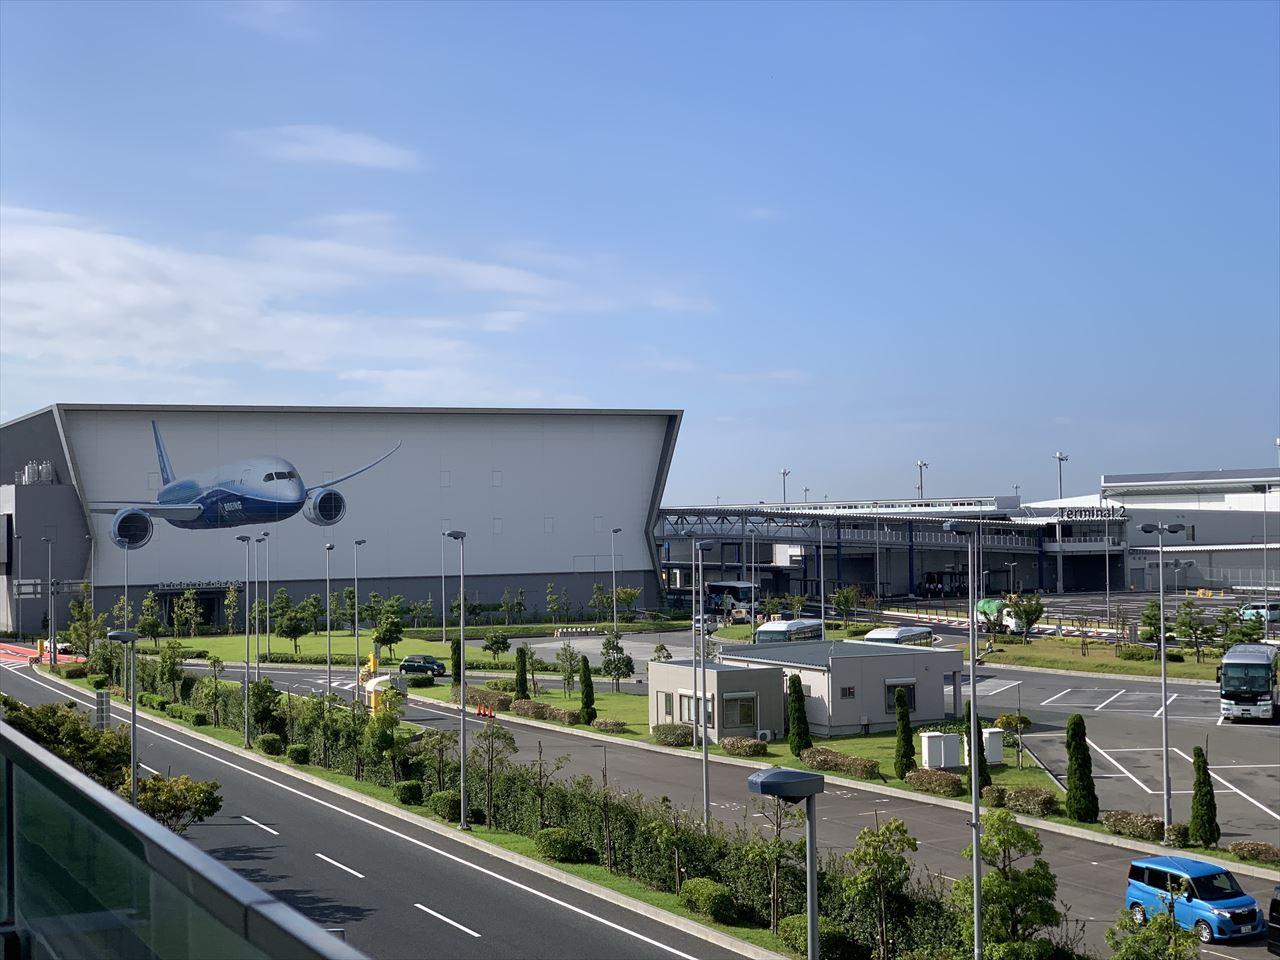 (左)FLIGHT OF DREAMS (右)第2ターミナル